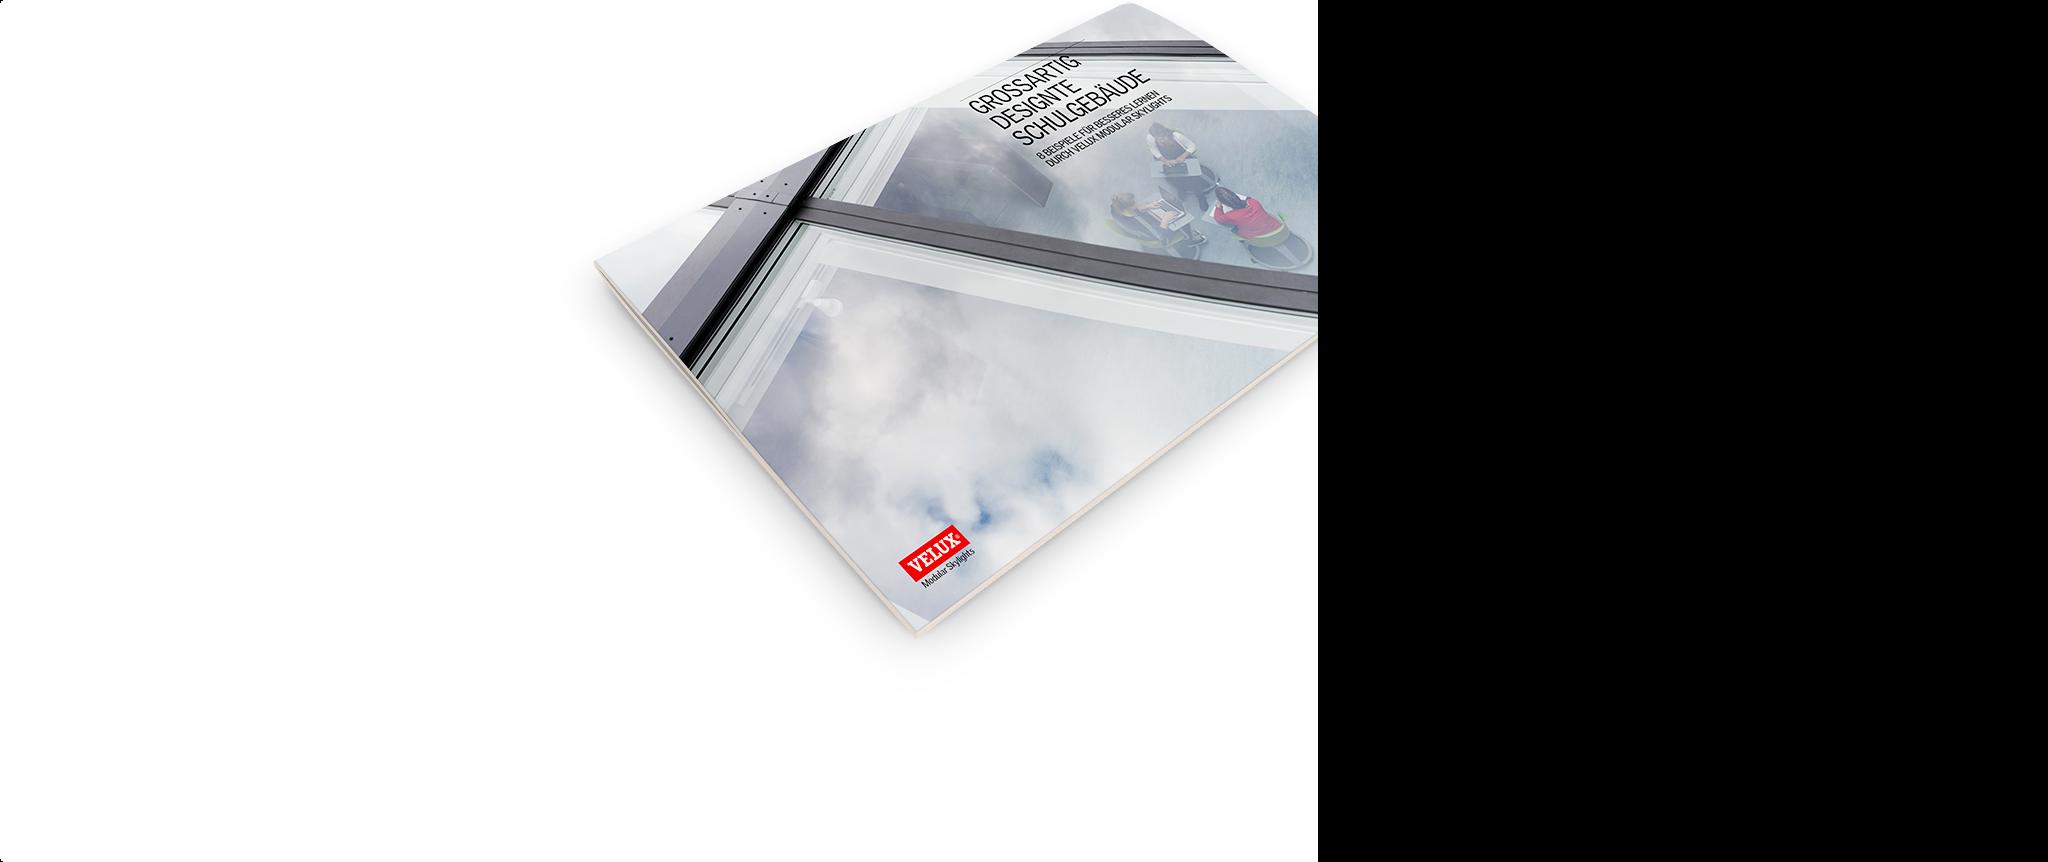 Grossartig designte Schulgebäude  Laden Sie das Referenzbuch herunter, das anhand von acht bereits realisierten  Projekten zeigt, wie Architekten mit VELUX Modular Skylights gesündere und  hellere Schulen entwerfen können. Jetzt herunterladen